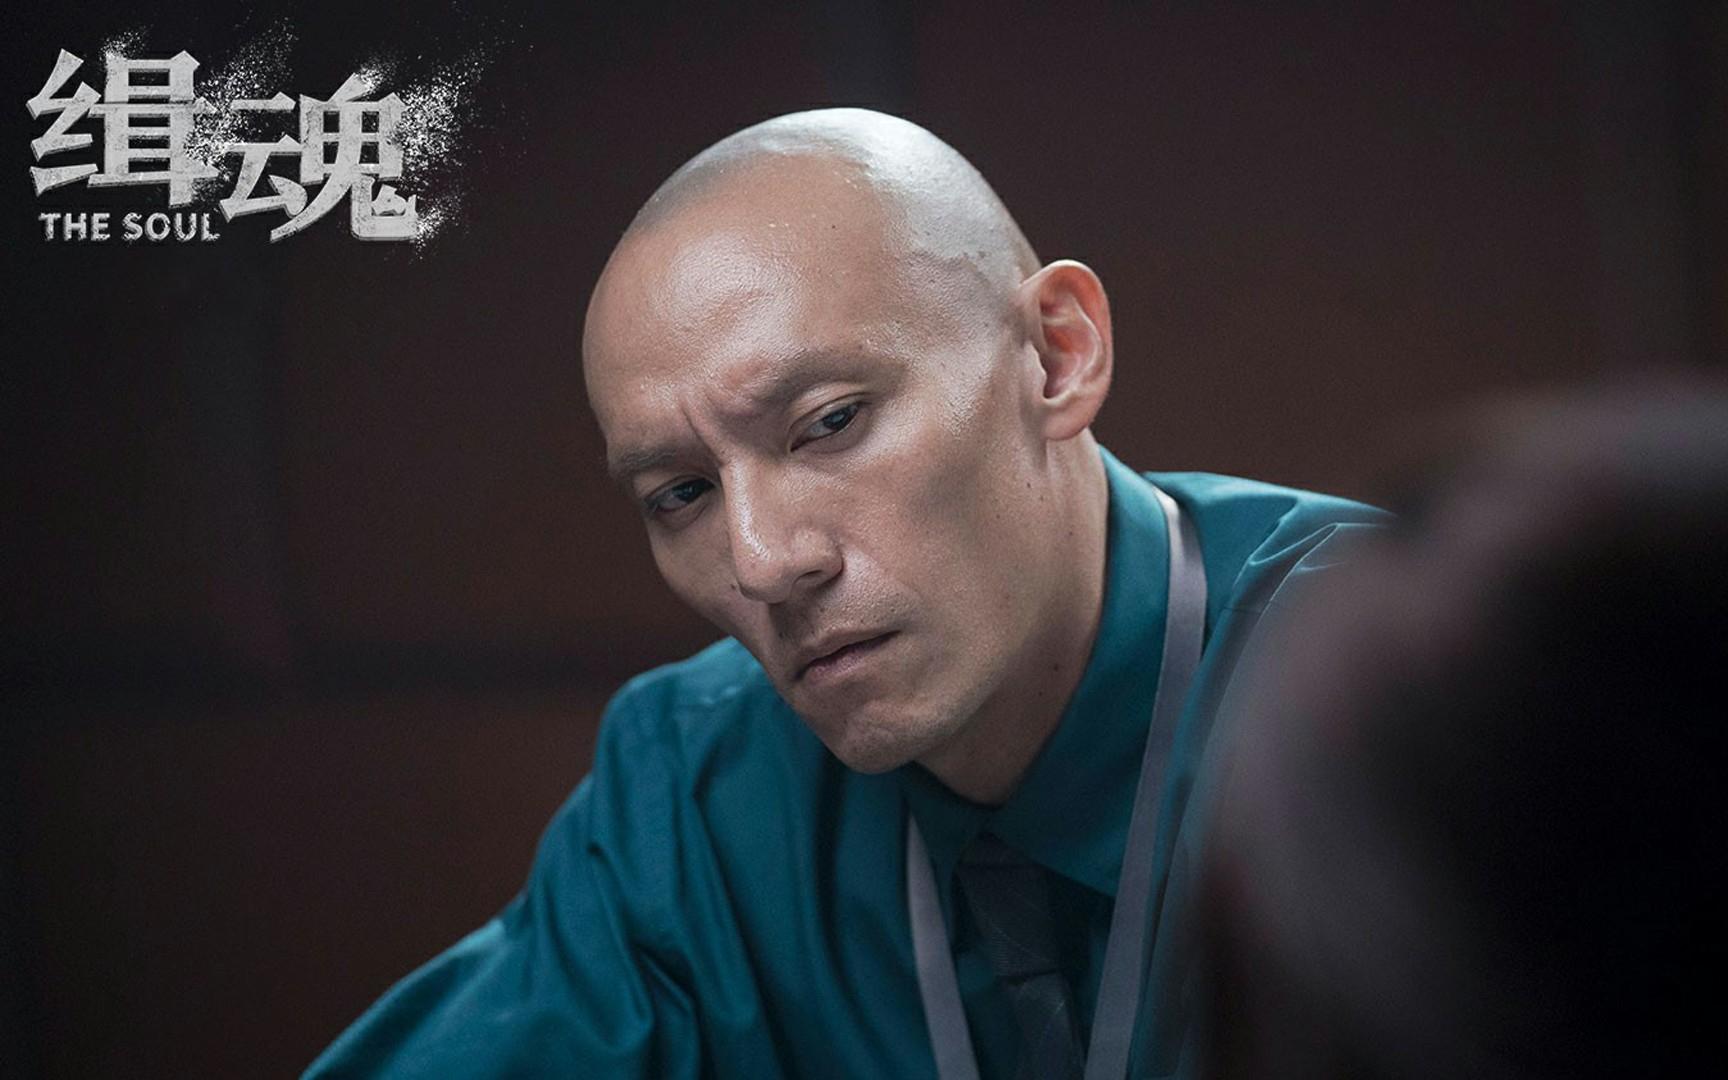 2021院线电影《缉魂》,披着悬疑外衣的伦理片,好看到头发都没了!